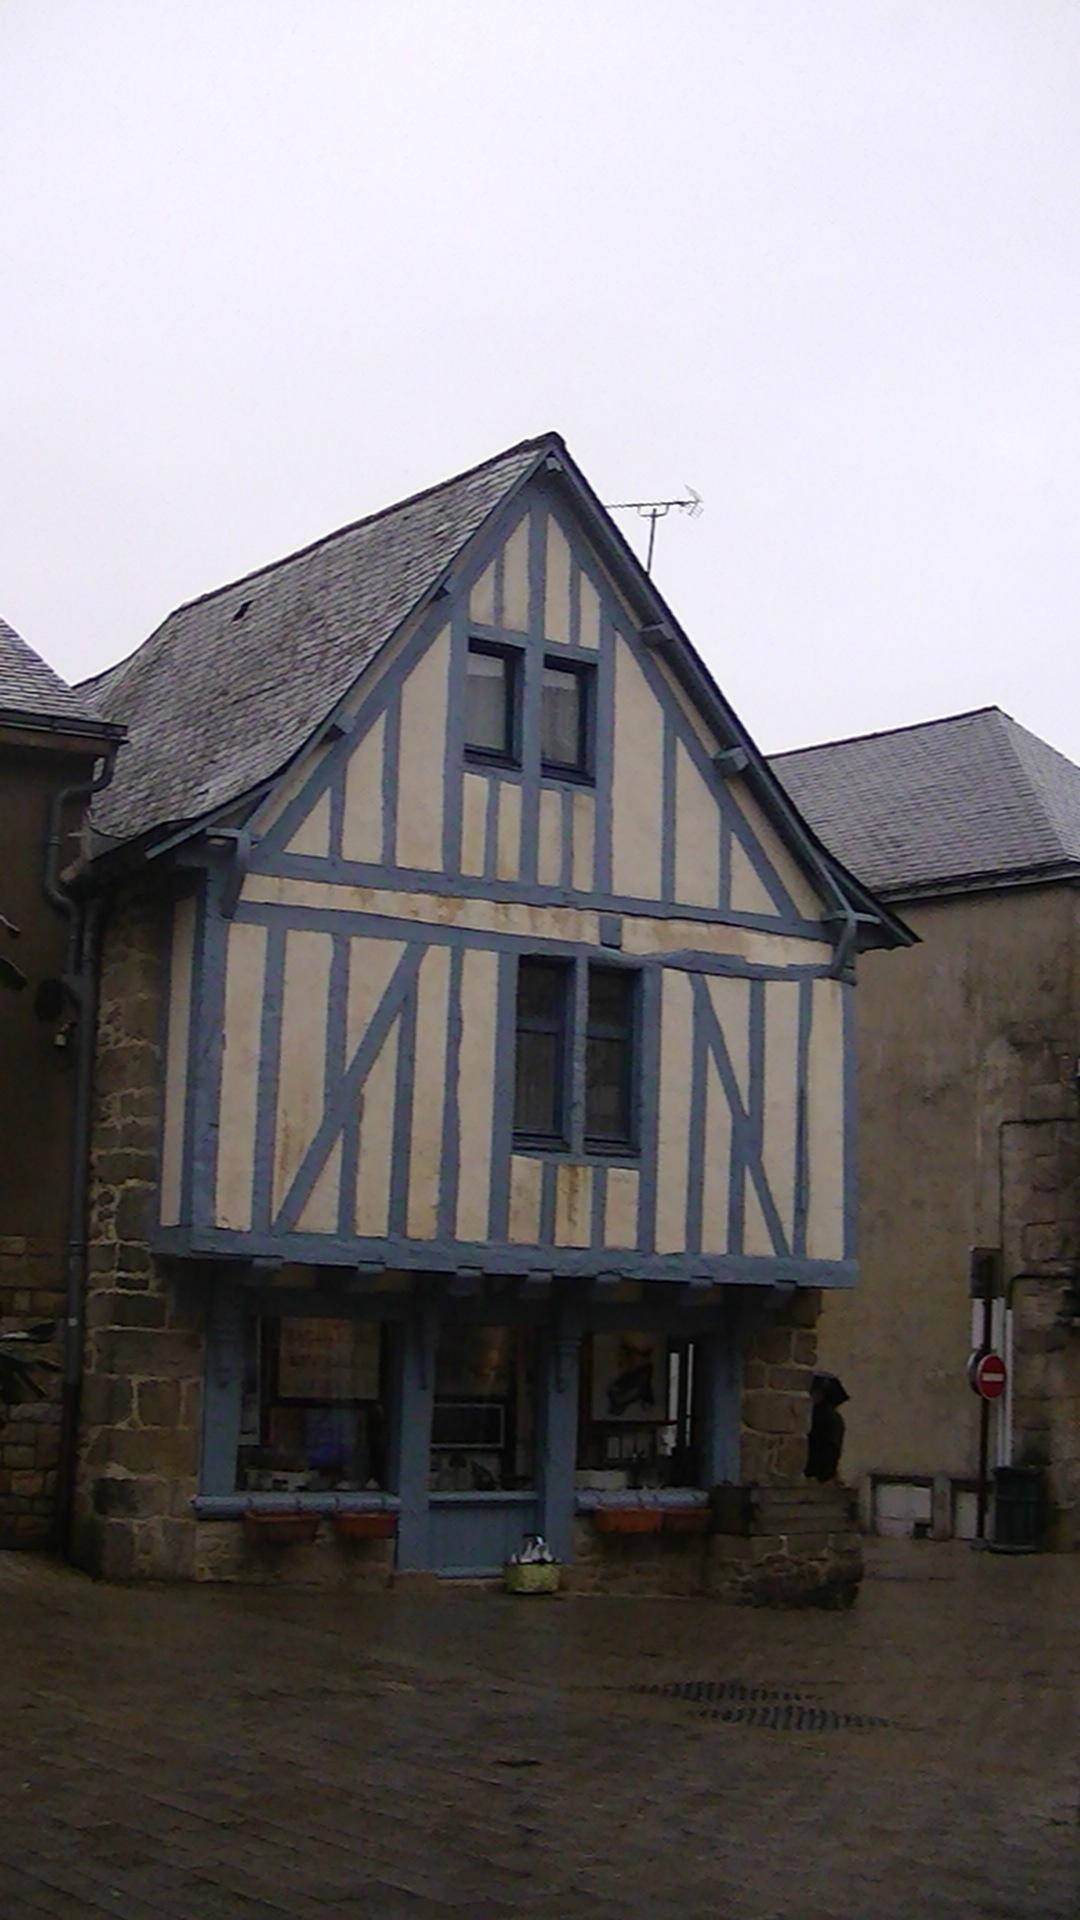 File:Timber framed house, Guérande.JPG - Wikimedia Commons